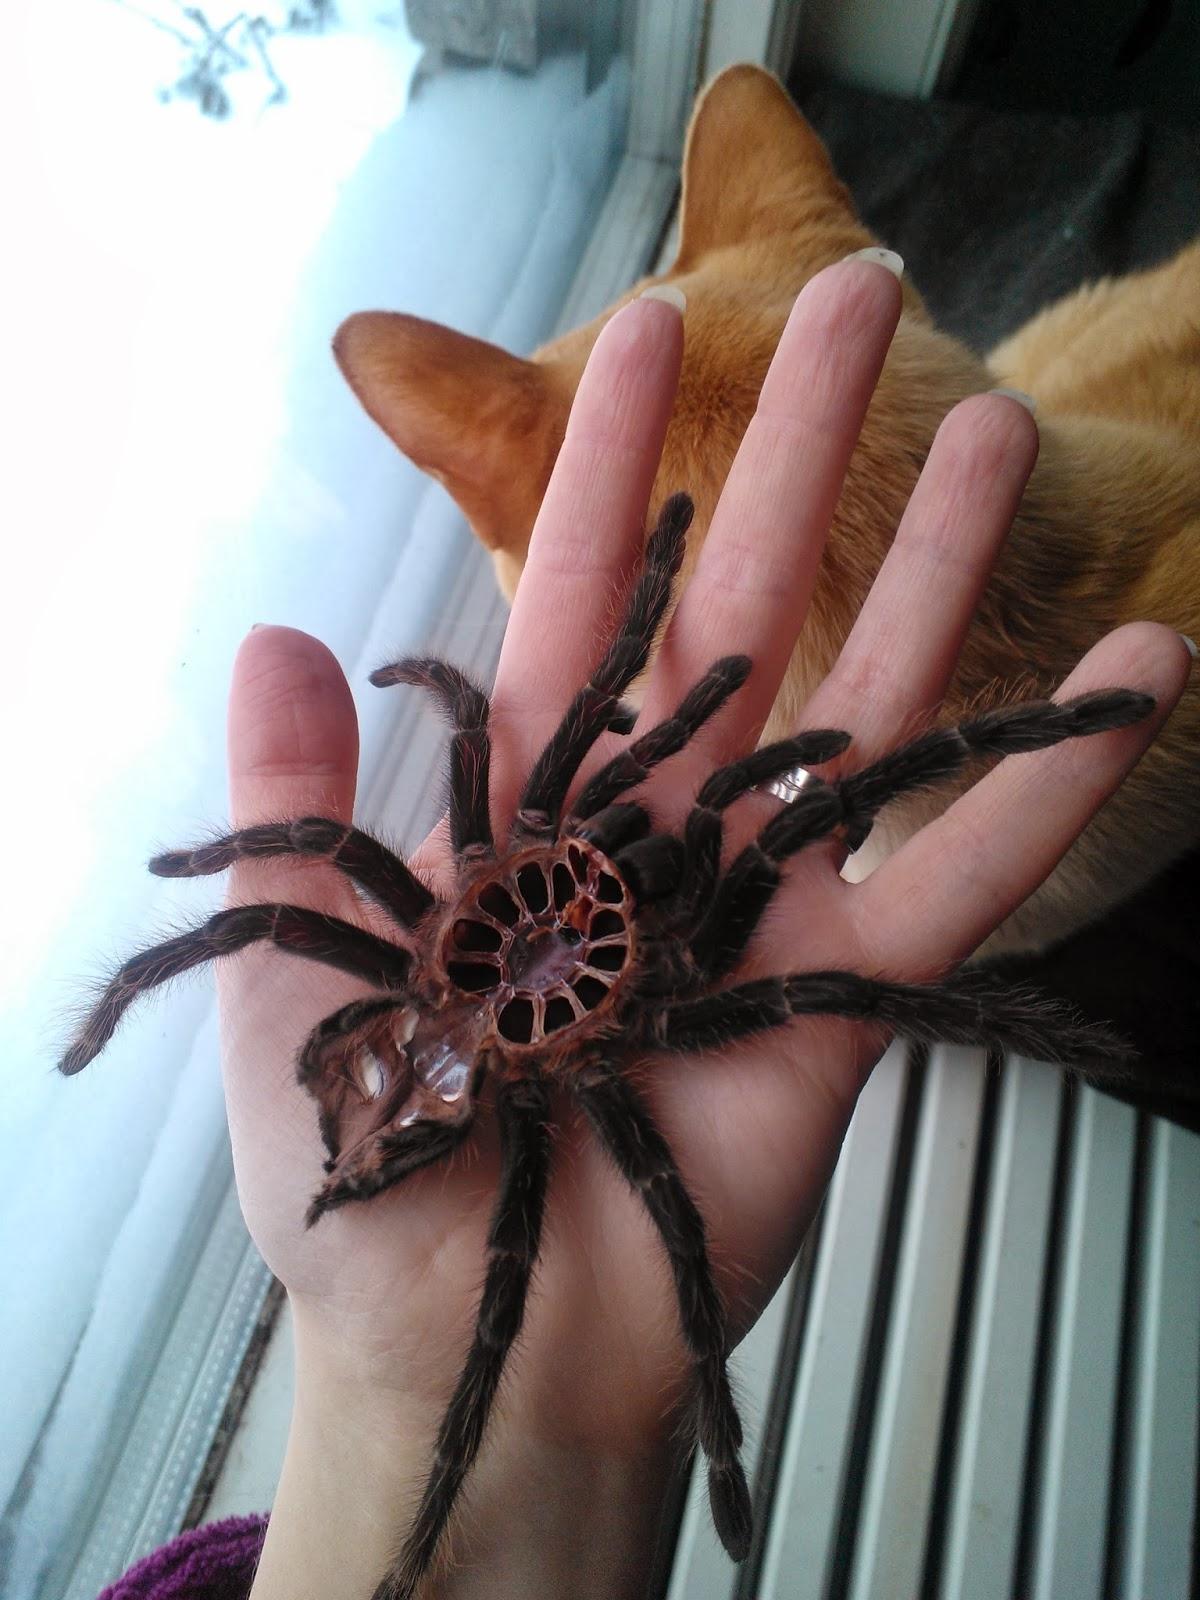 Hämähäkin vanha nahka Spider molt